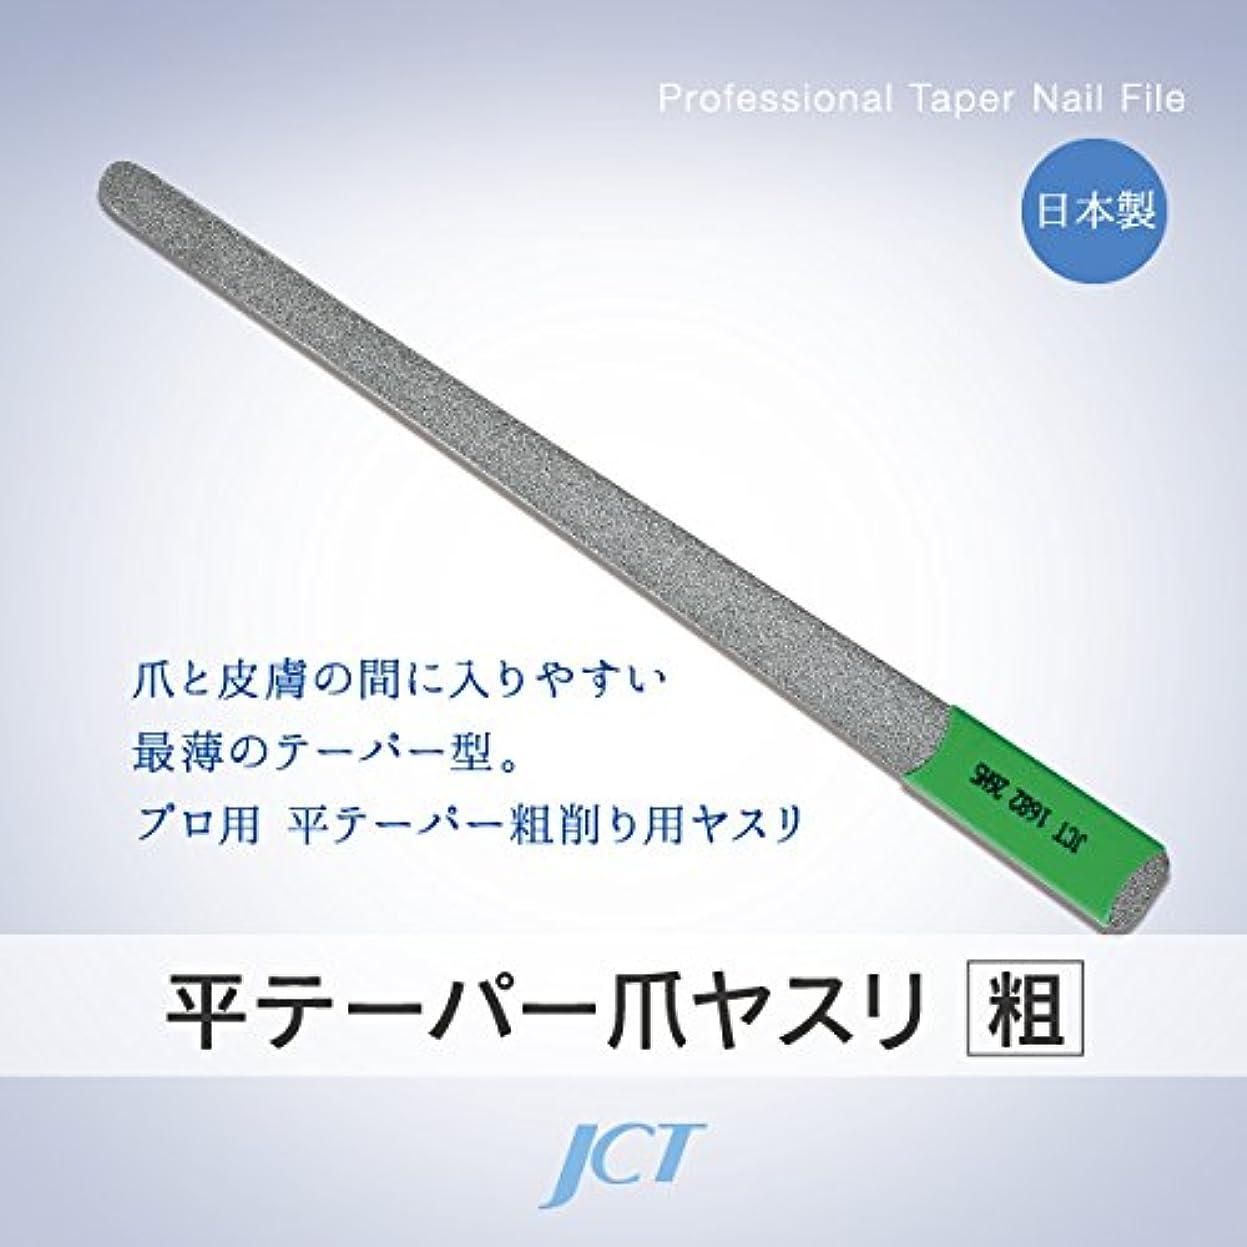 装備する新着損失JCT メディカル フットケア ダイヤモンド平テーパー爪ヤスリ(粗) 滅菌可 日本製 1年間保証付